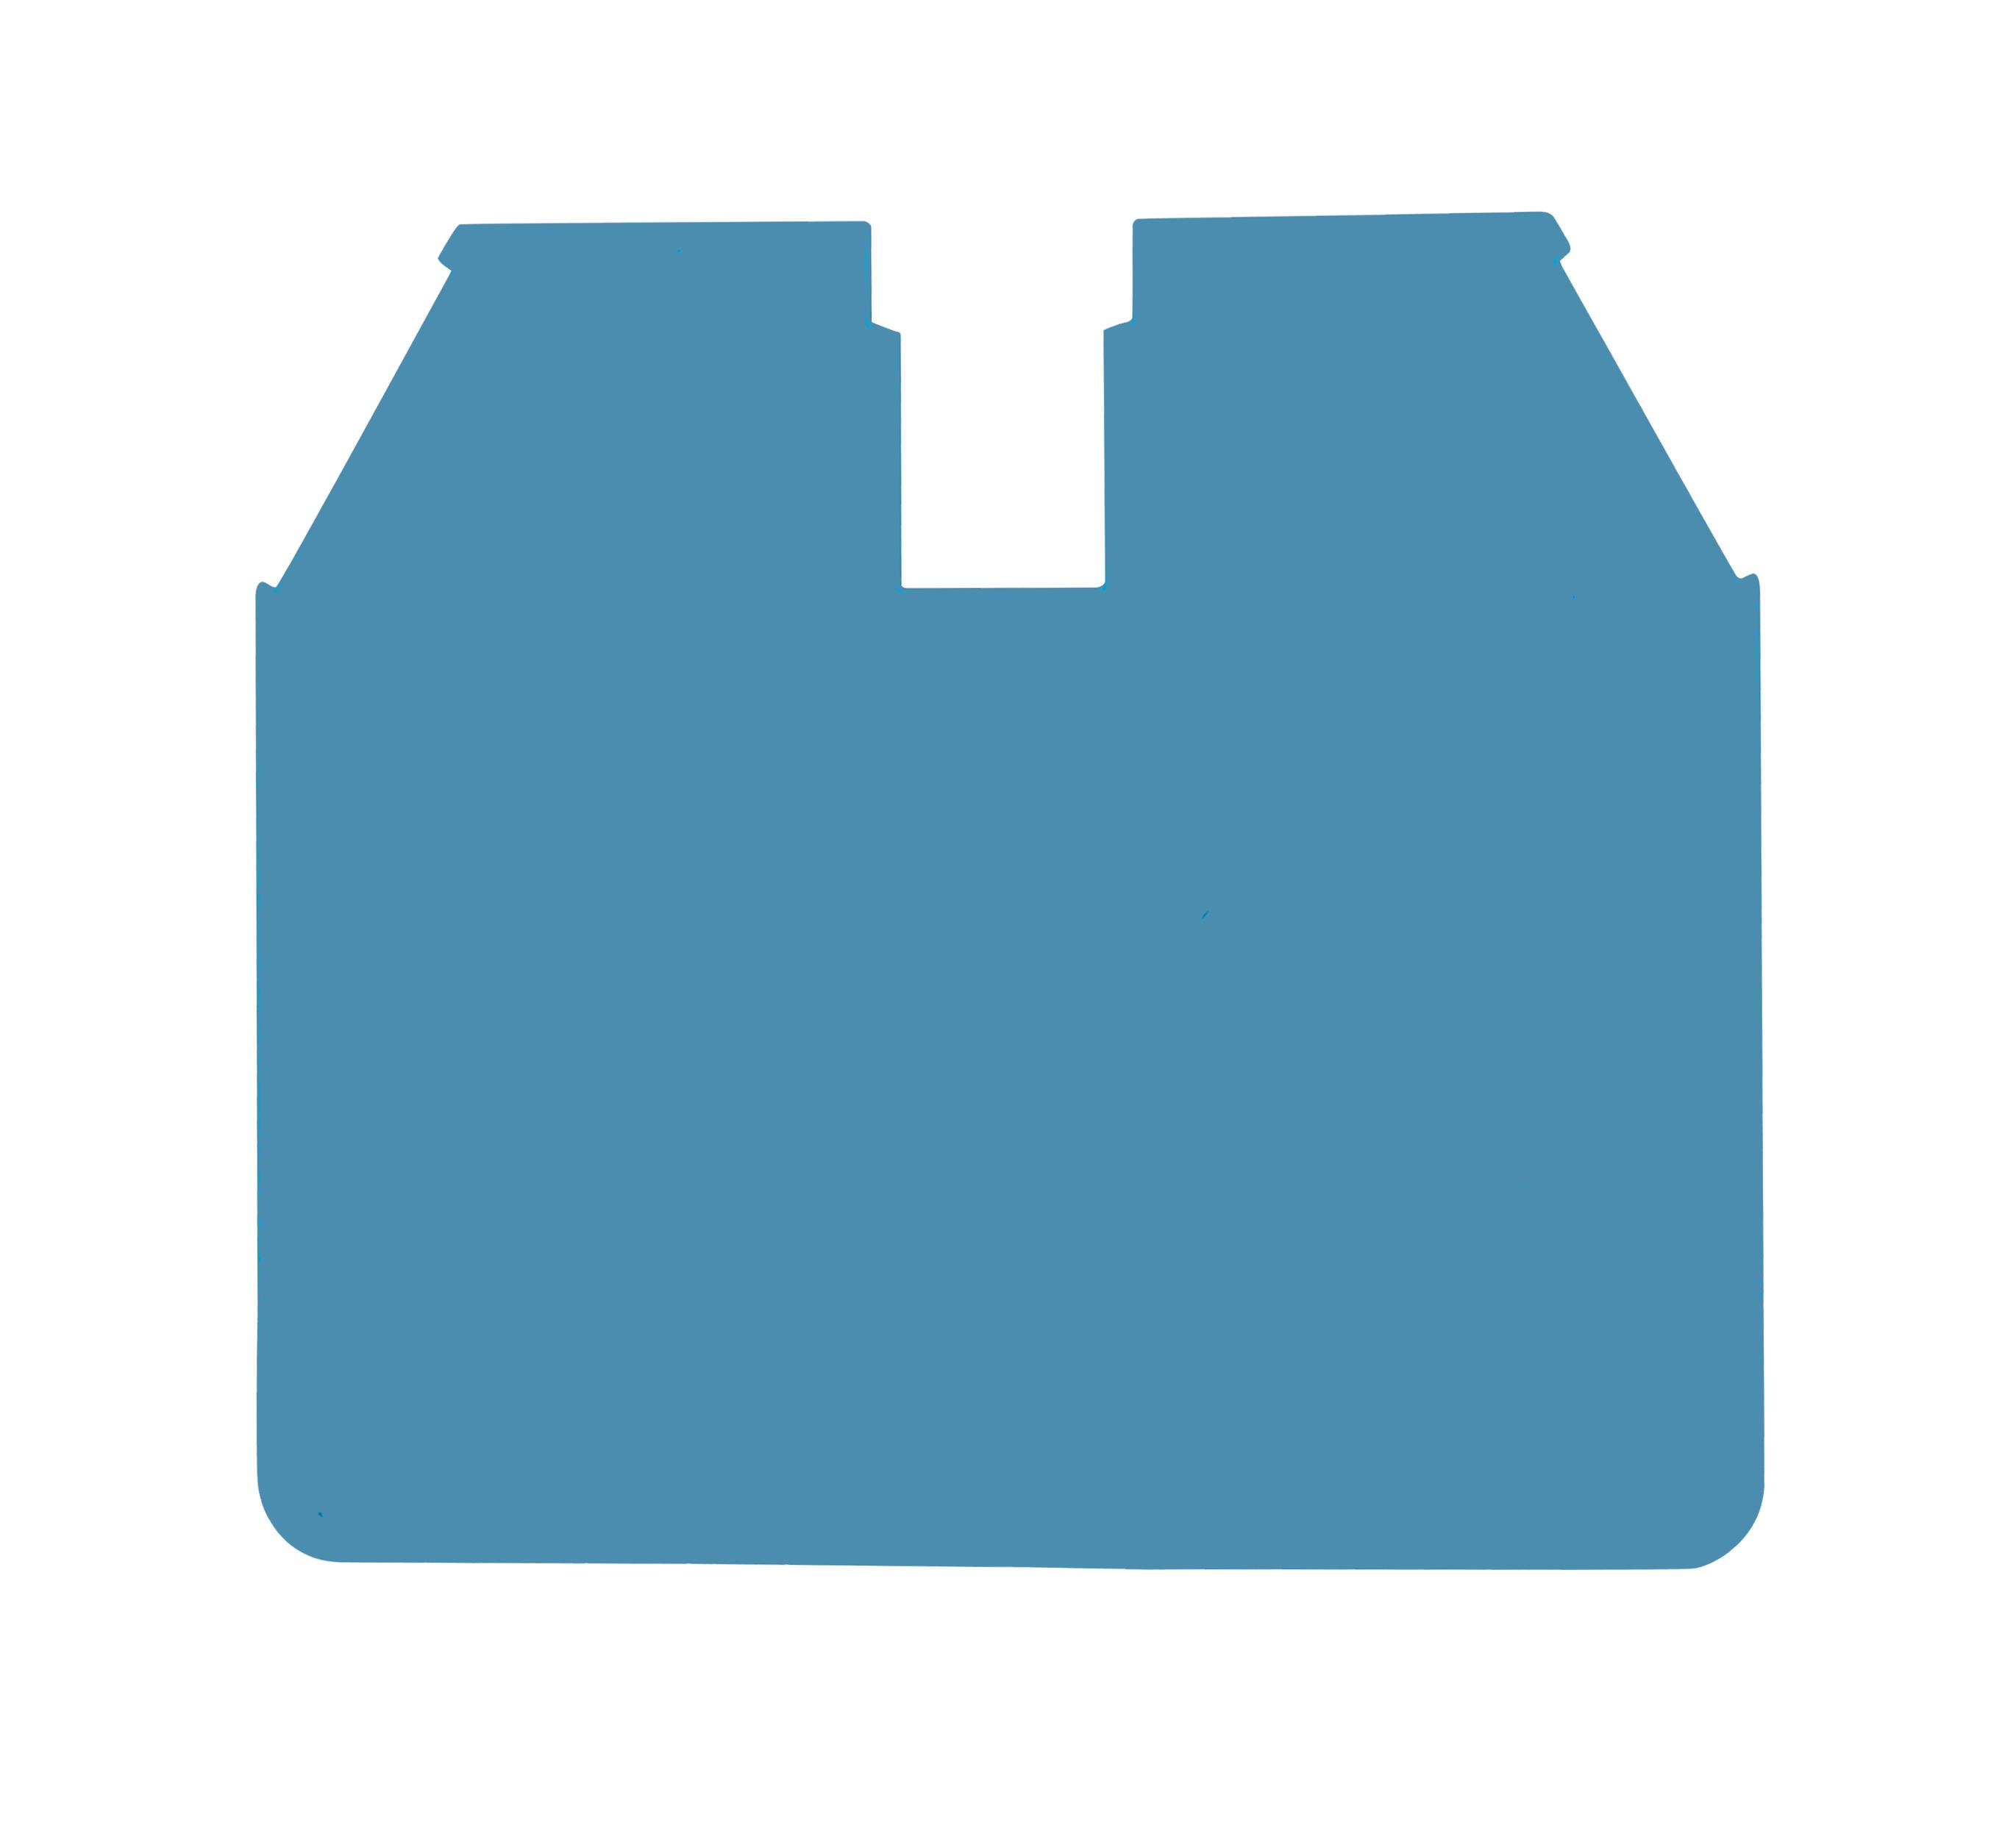 1 Stk Endplatte für Schraubklemme AVK 16 RD blau IK601216-A